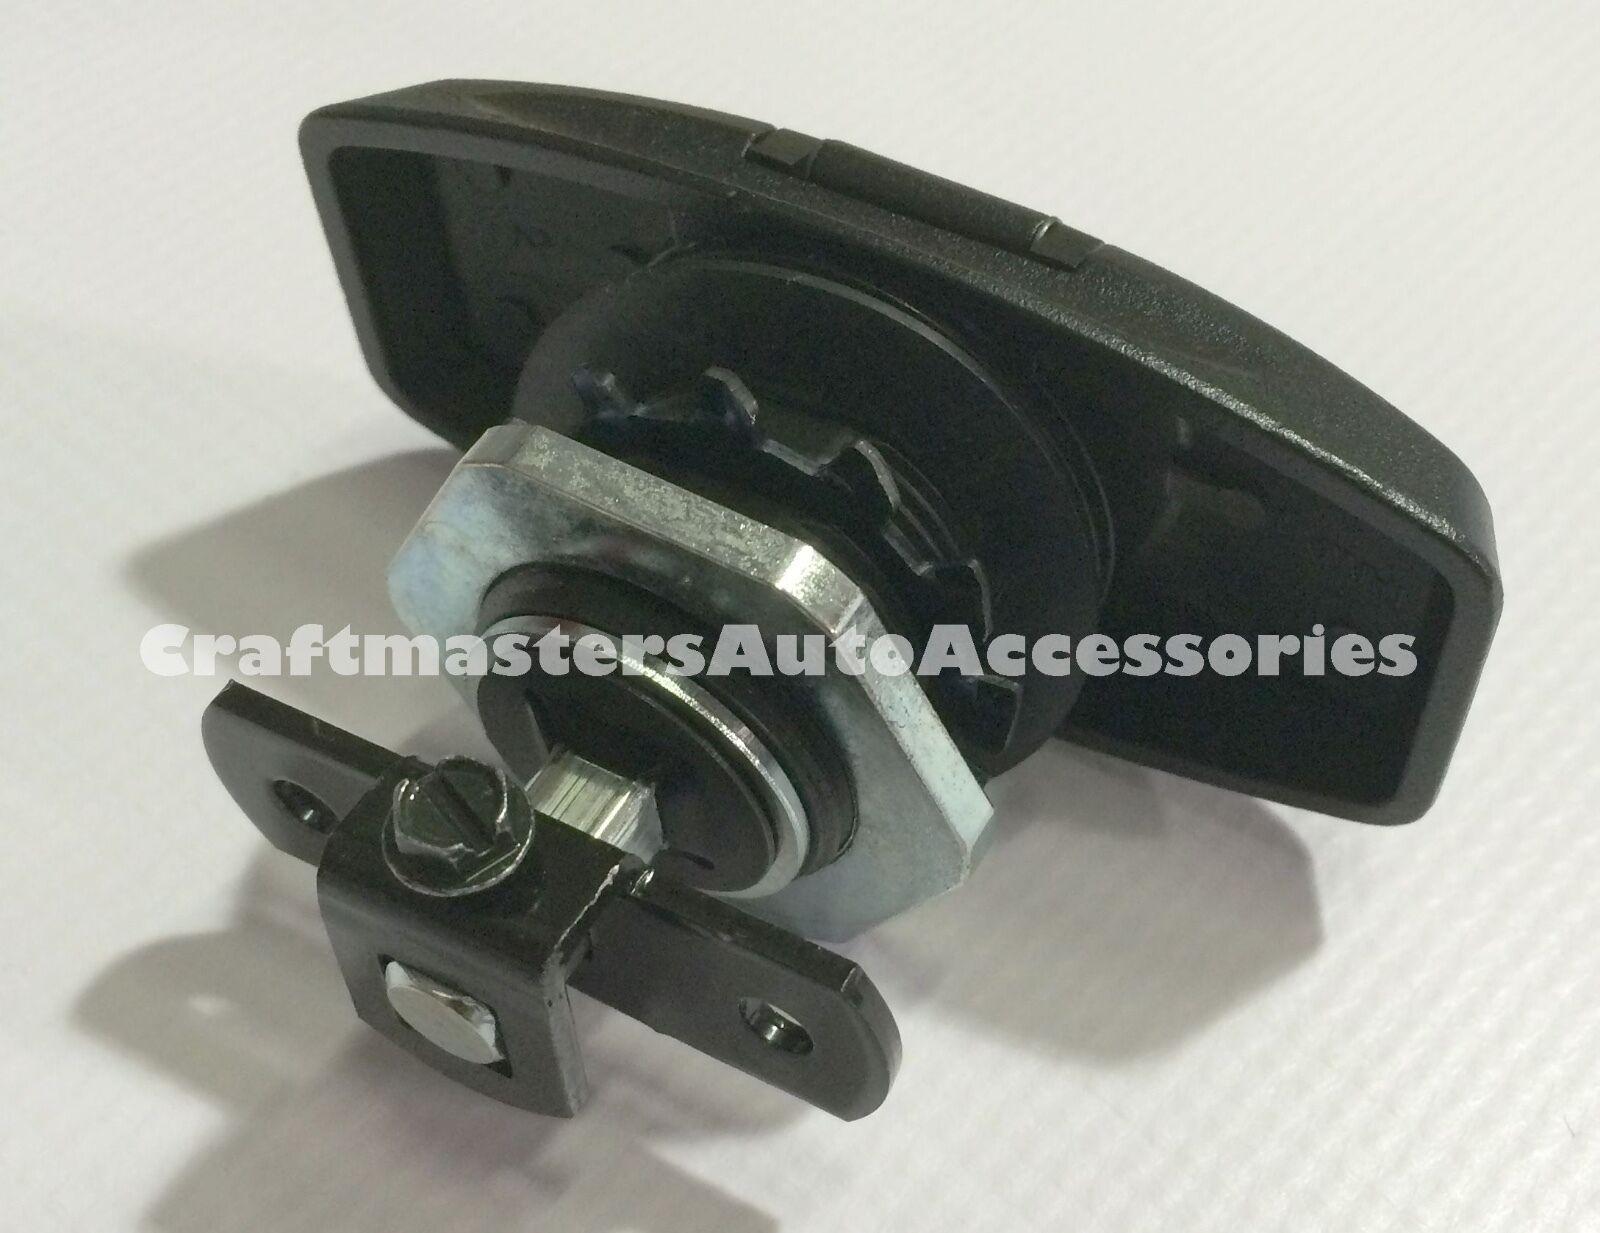 Truck-cap-LEER-XR-Twist-handle-104403